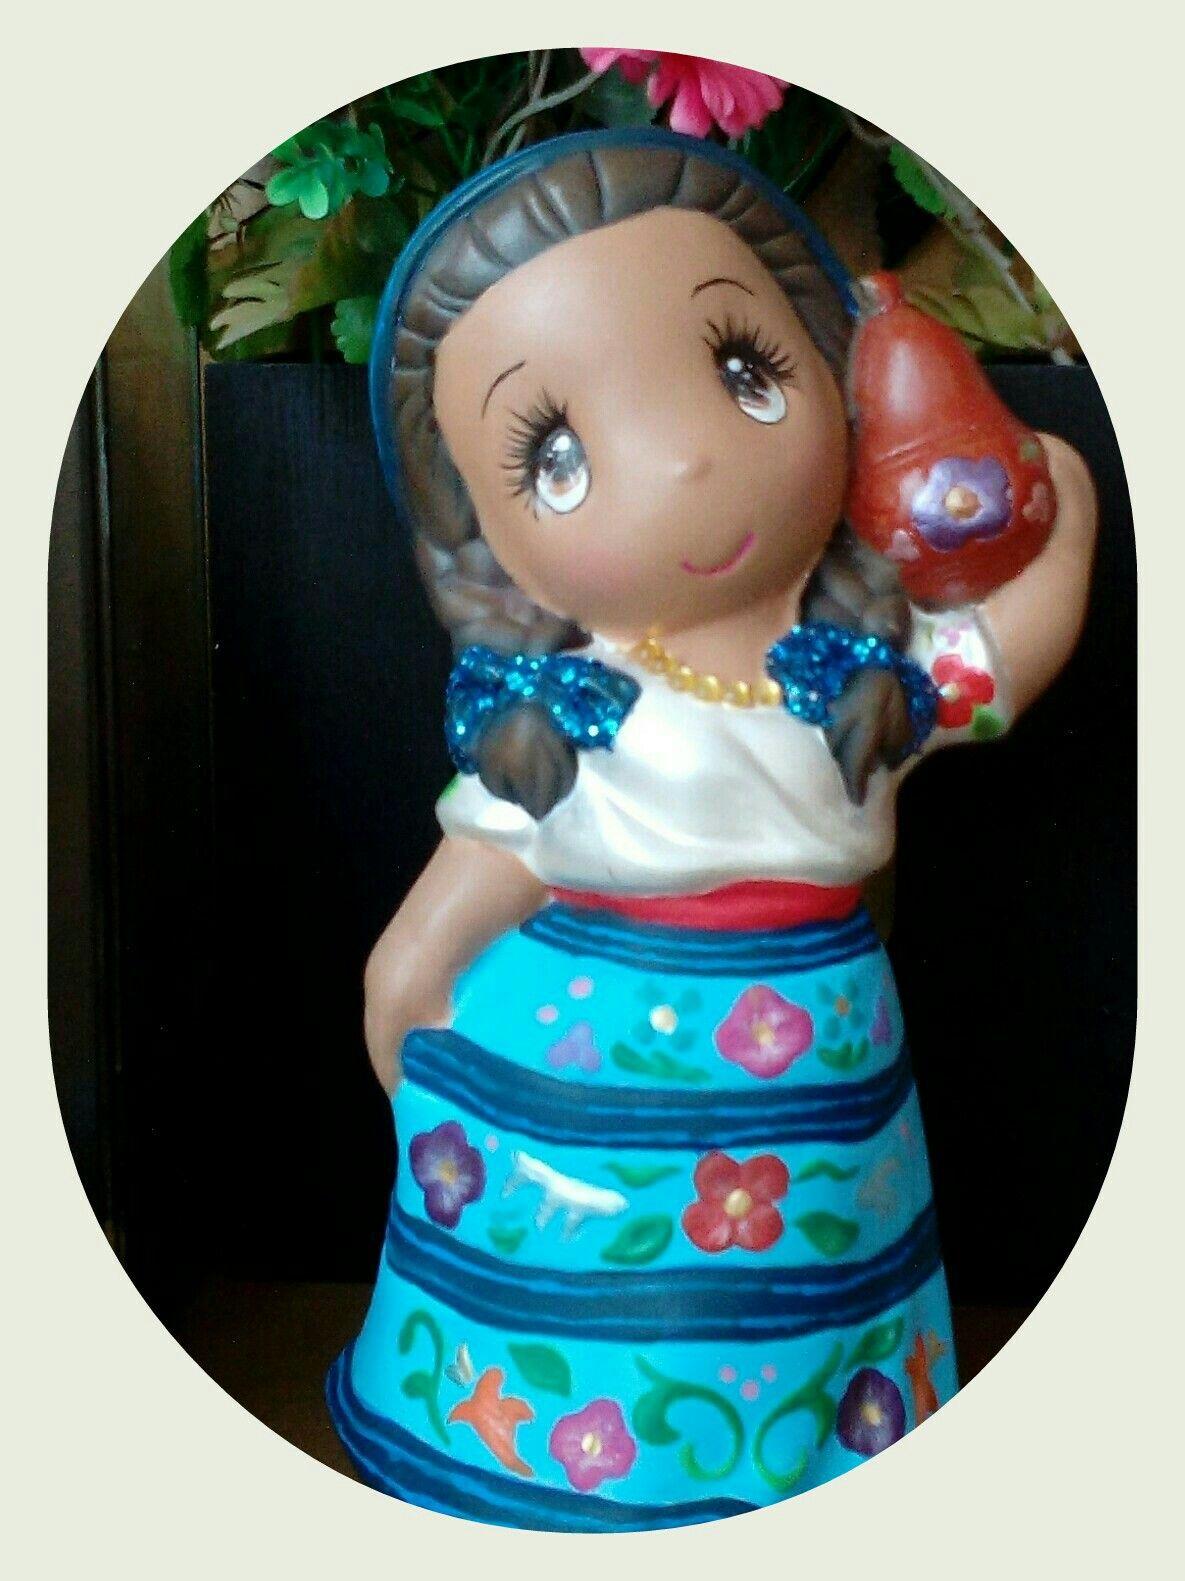 Mueñeca Regional Acateca Estado De Guerrero Ceramica Regional Acateca Guerrero México Hojas De Ganchillo Como Pintar Ceramica Muñecas Mexicanas